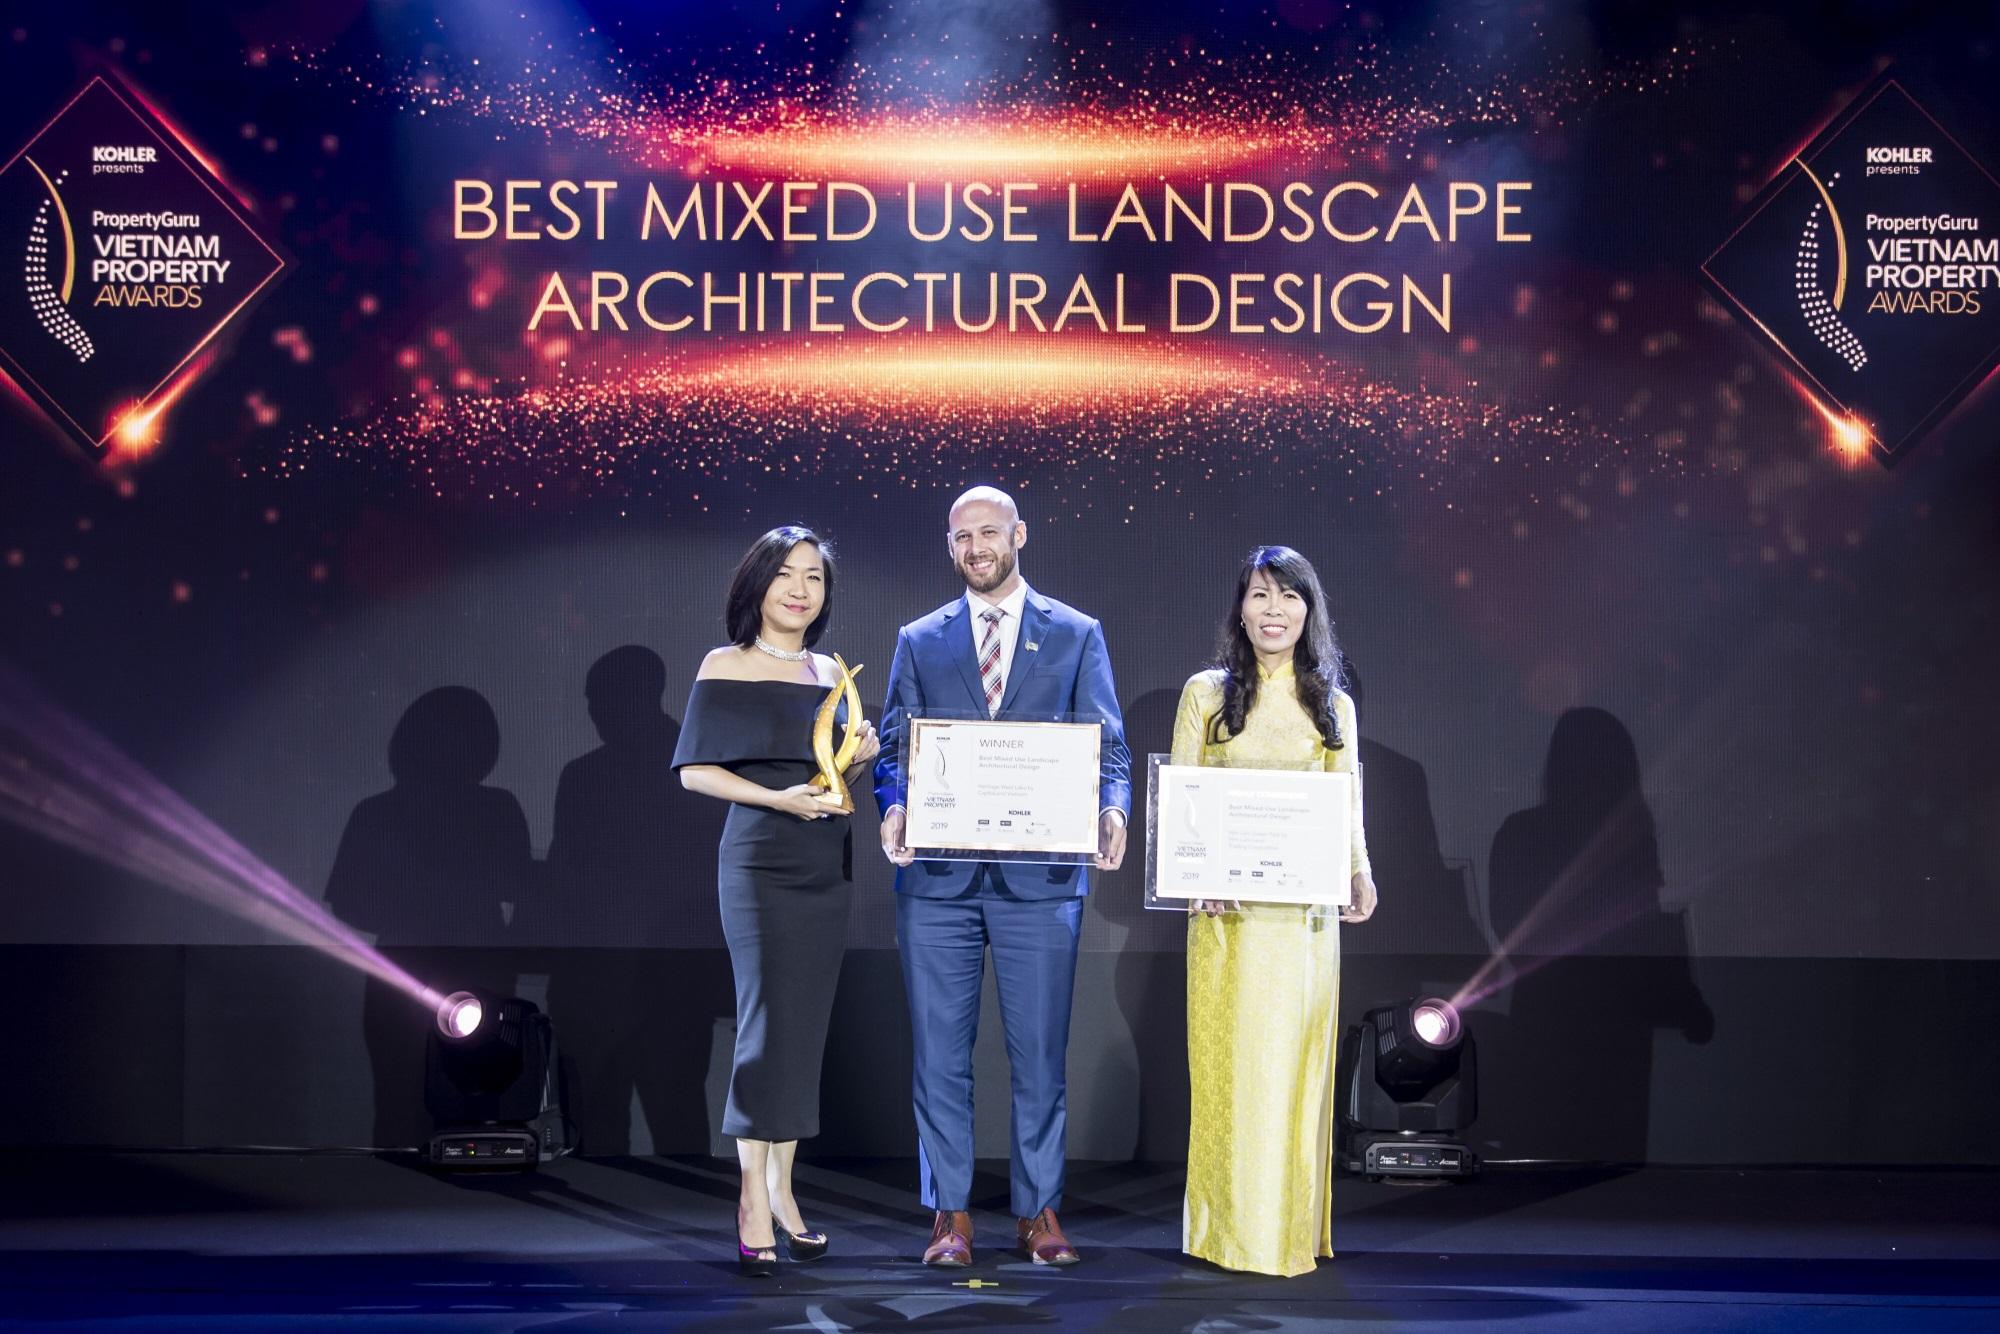 Him Lam Green Park được vinh danh tại Lễ trao giải thưởng PropertyGuru Vietnam Property Awards 2019 - Ảnh 1